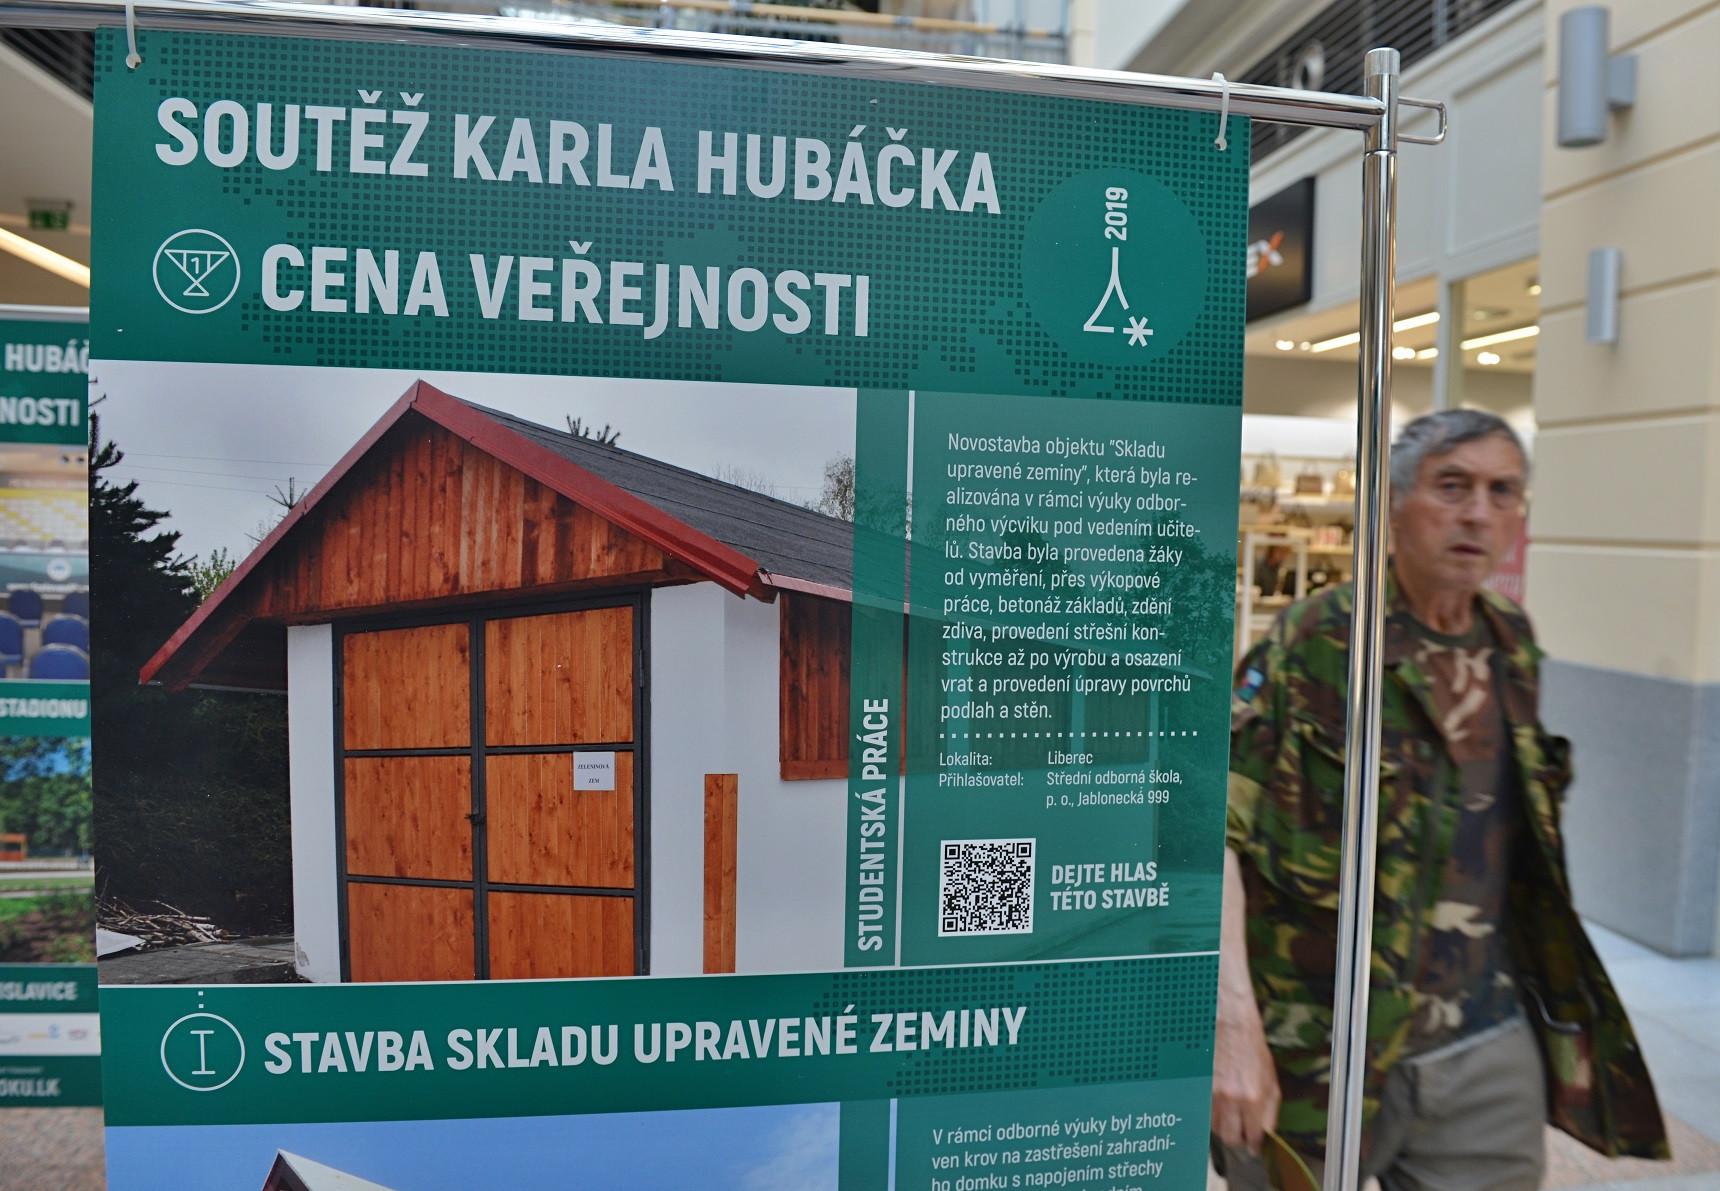 Vystava V Oc Forum Predstavuje Soutez Karla Hubacka Liberecky Vecernik Zpravodajstvi Z Liberce A Okoli